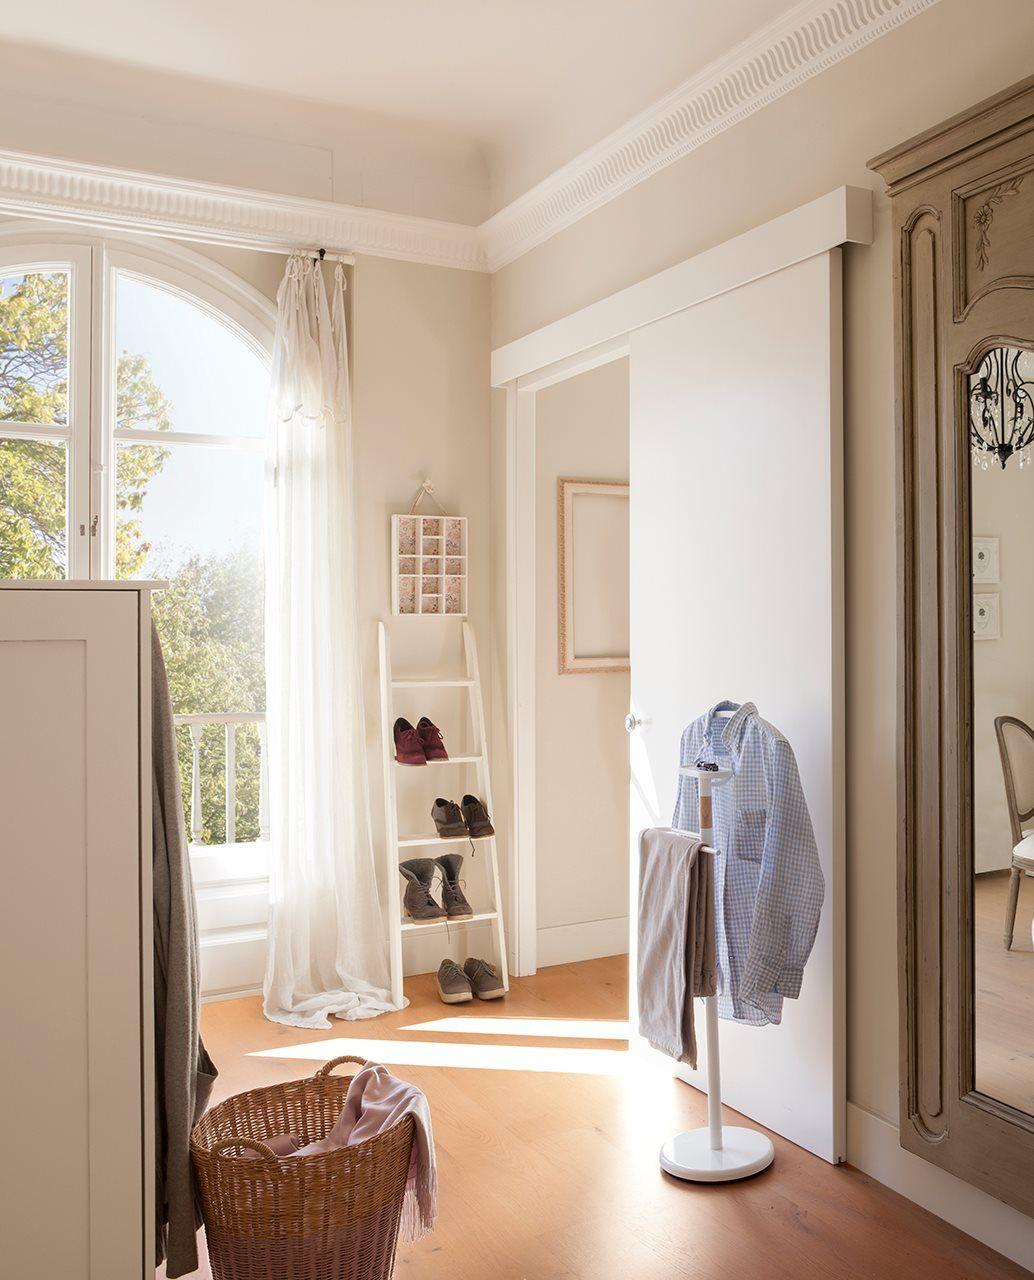 El armario perfecto   Dormitorios, Diseño interior de ...